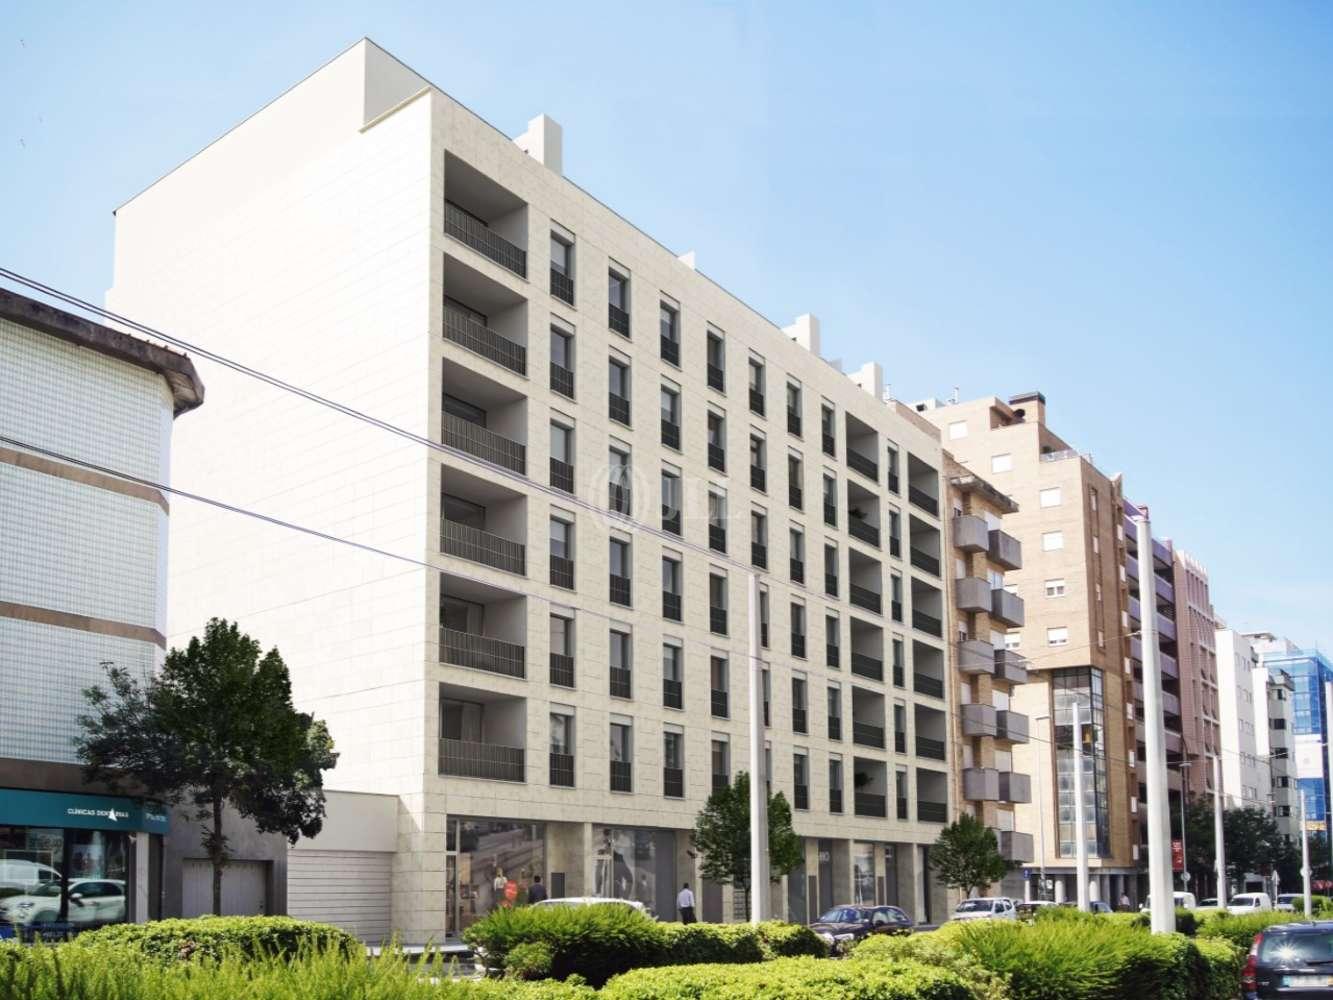 Loja Matosinhos,  - Loja nova em construção, em Matosinhos Sul, Porto